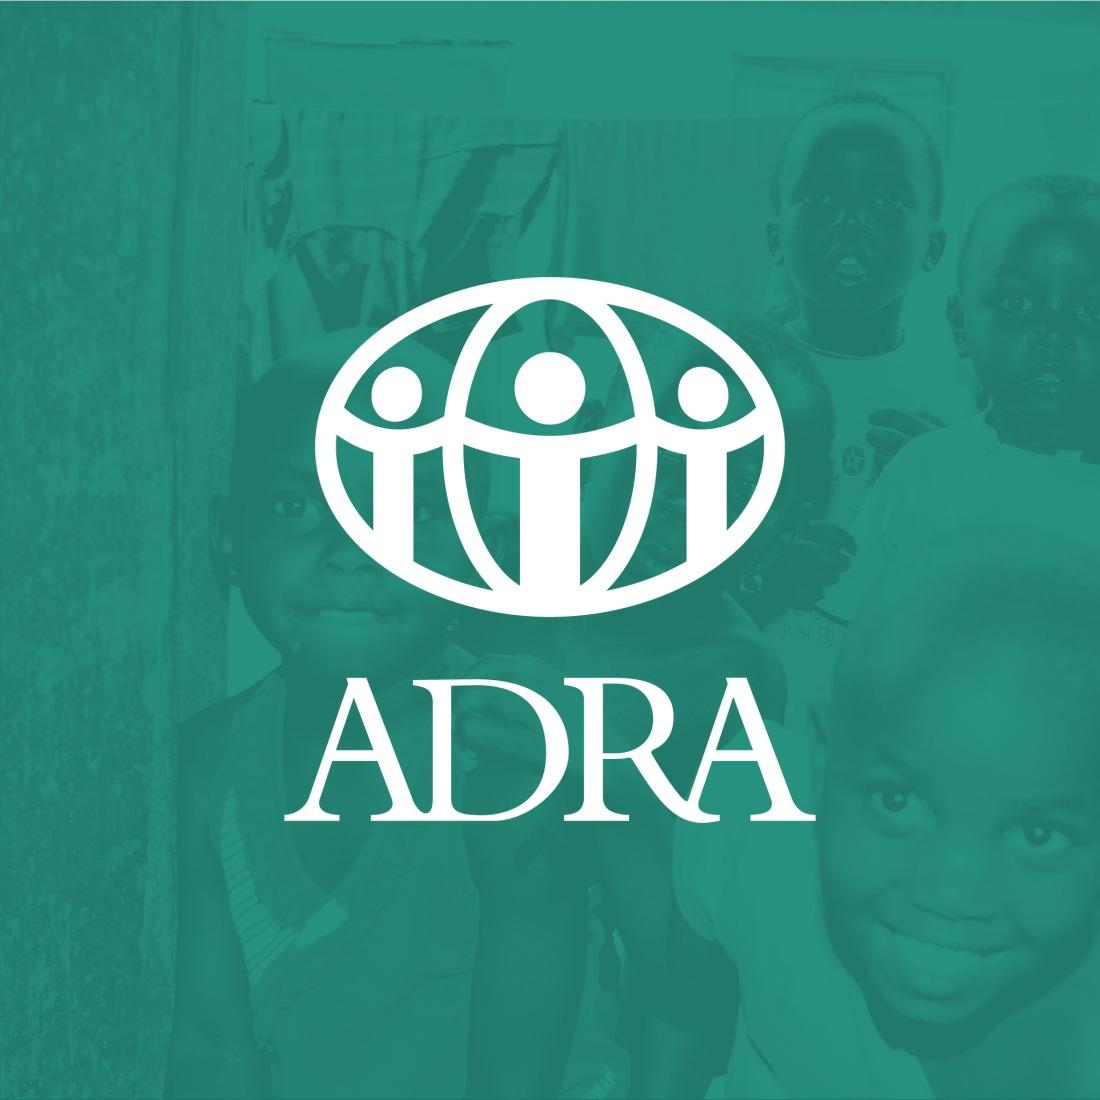 adra-3